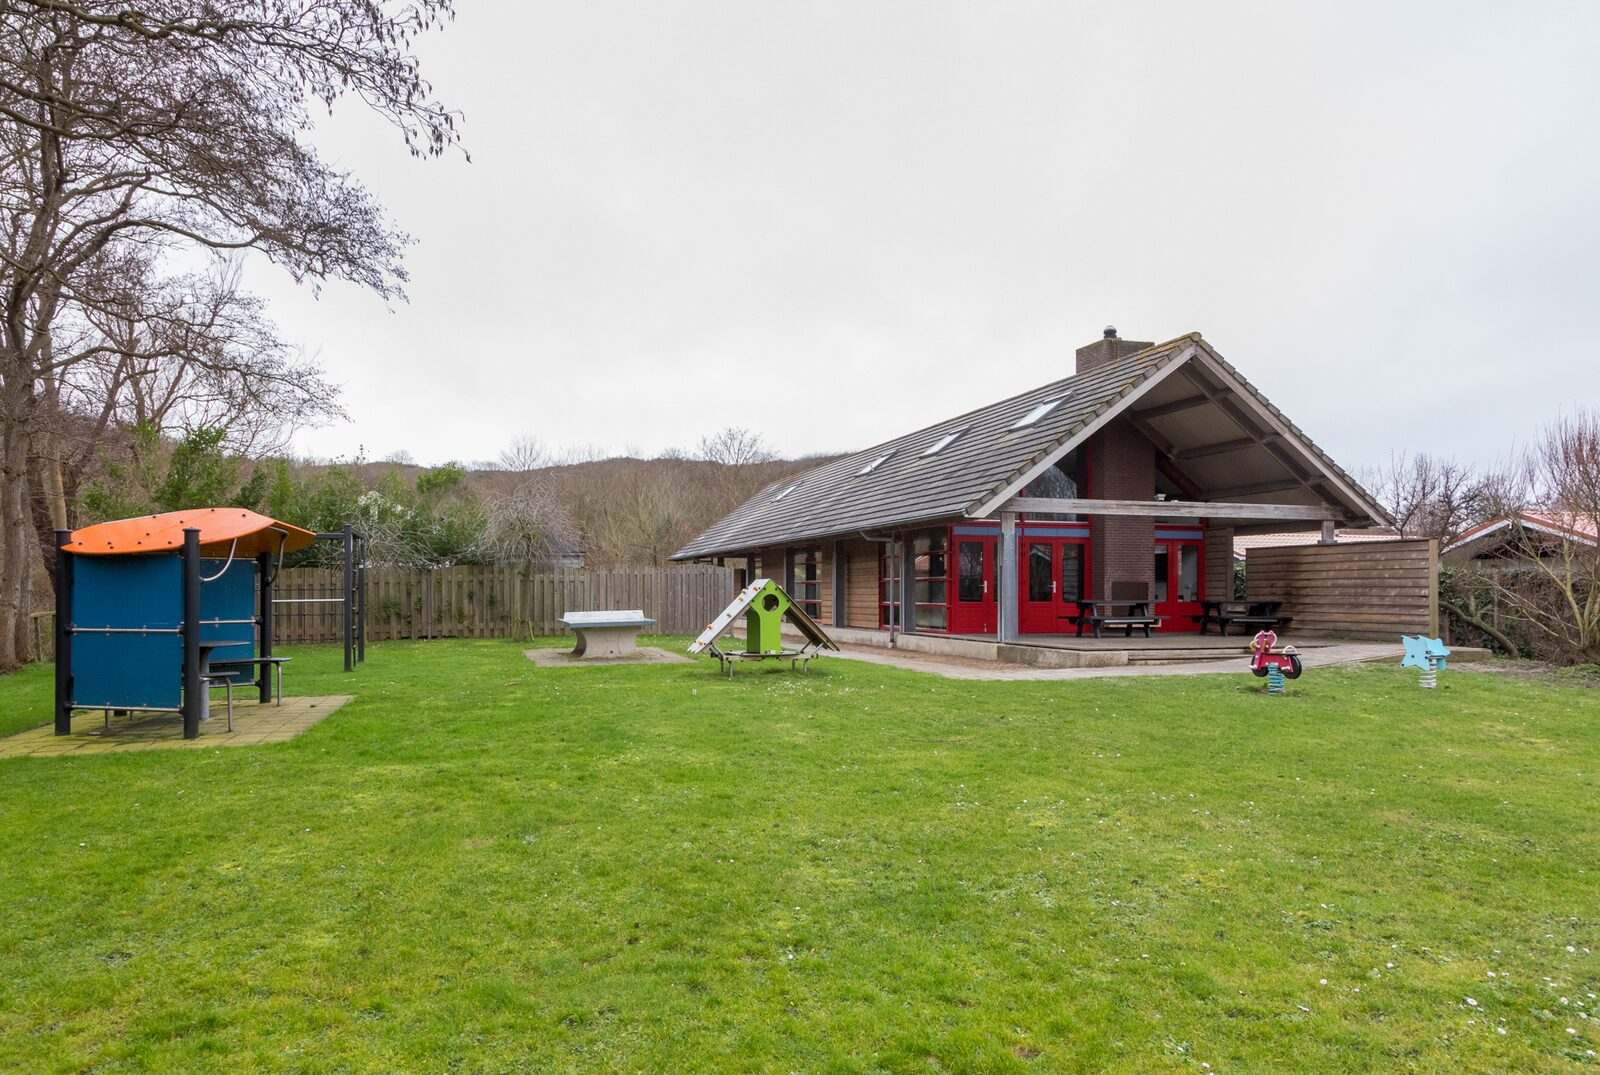 Holidayhouse - Duinweg 135 | Zoutelande 'Zonnevylle'